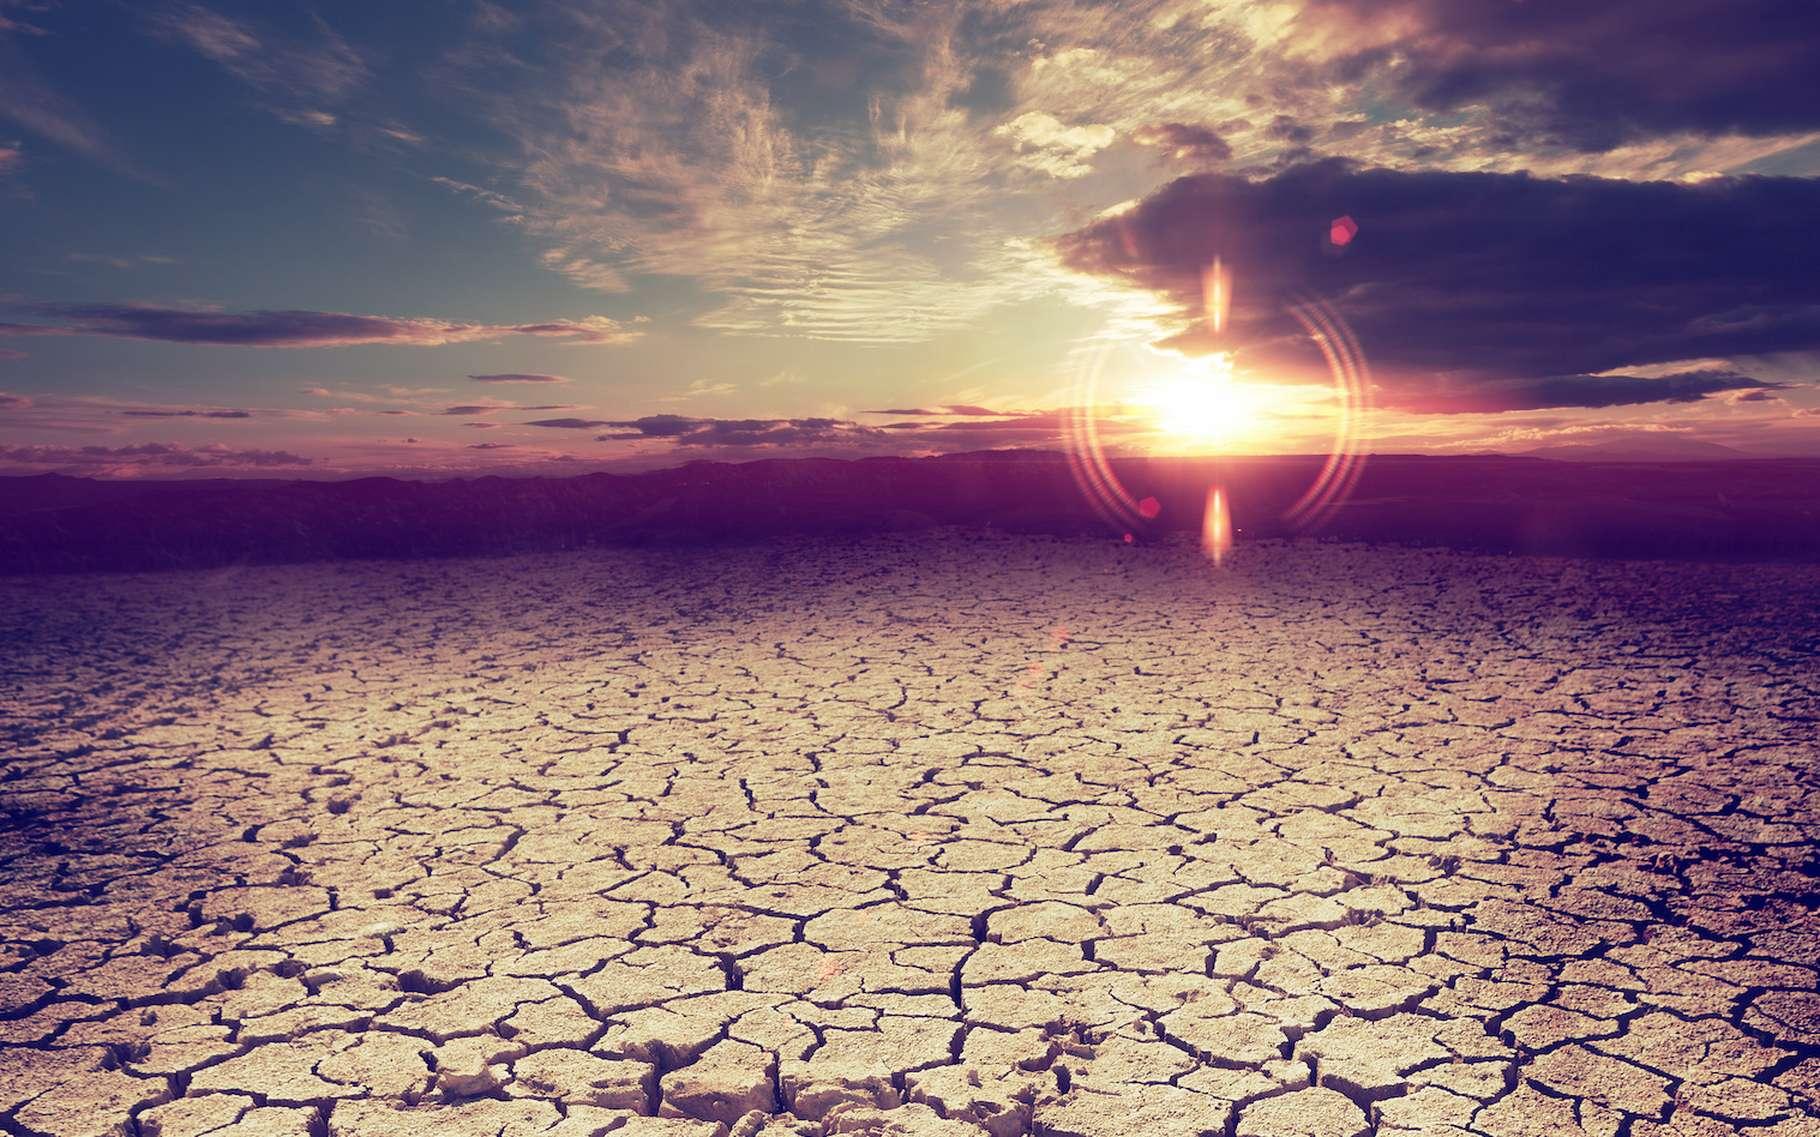 Élévation du niveau des mers, événements météorologiques extrêmes, diminution de la productivité agricole. Le réchauffement climatique va coûter cher à nos sociétés. © carloscastilla, Adobe Stock